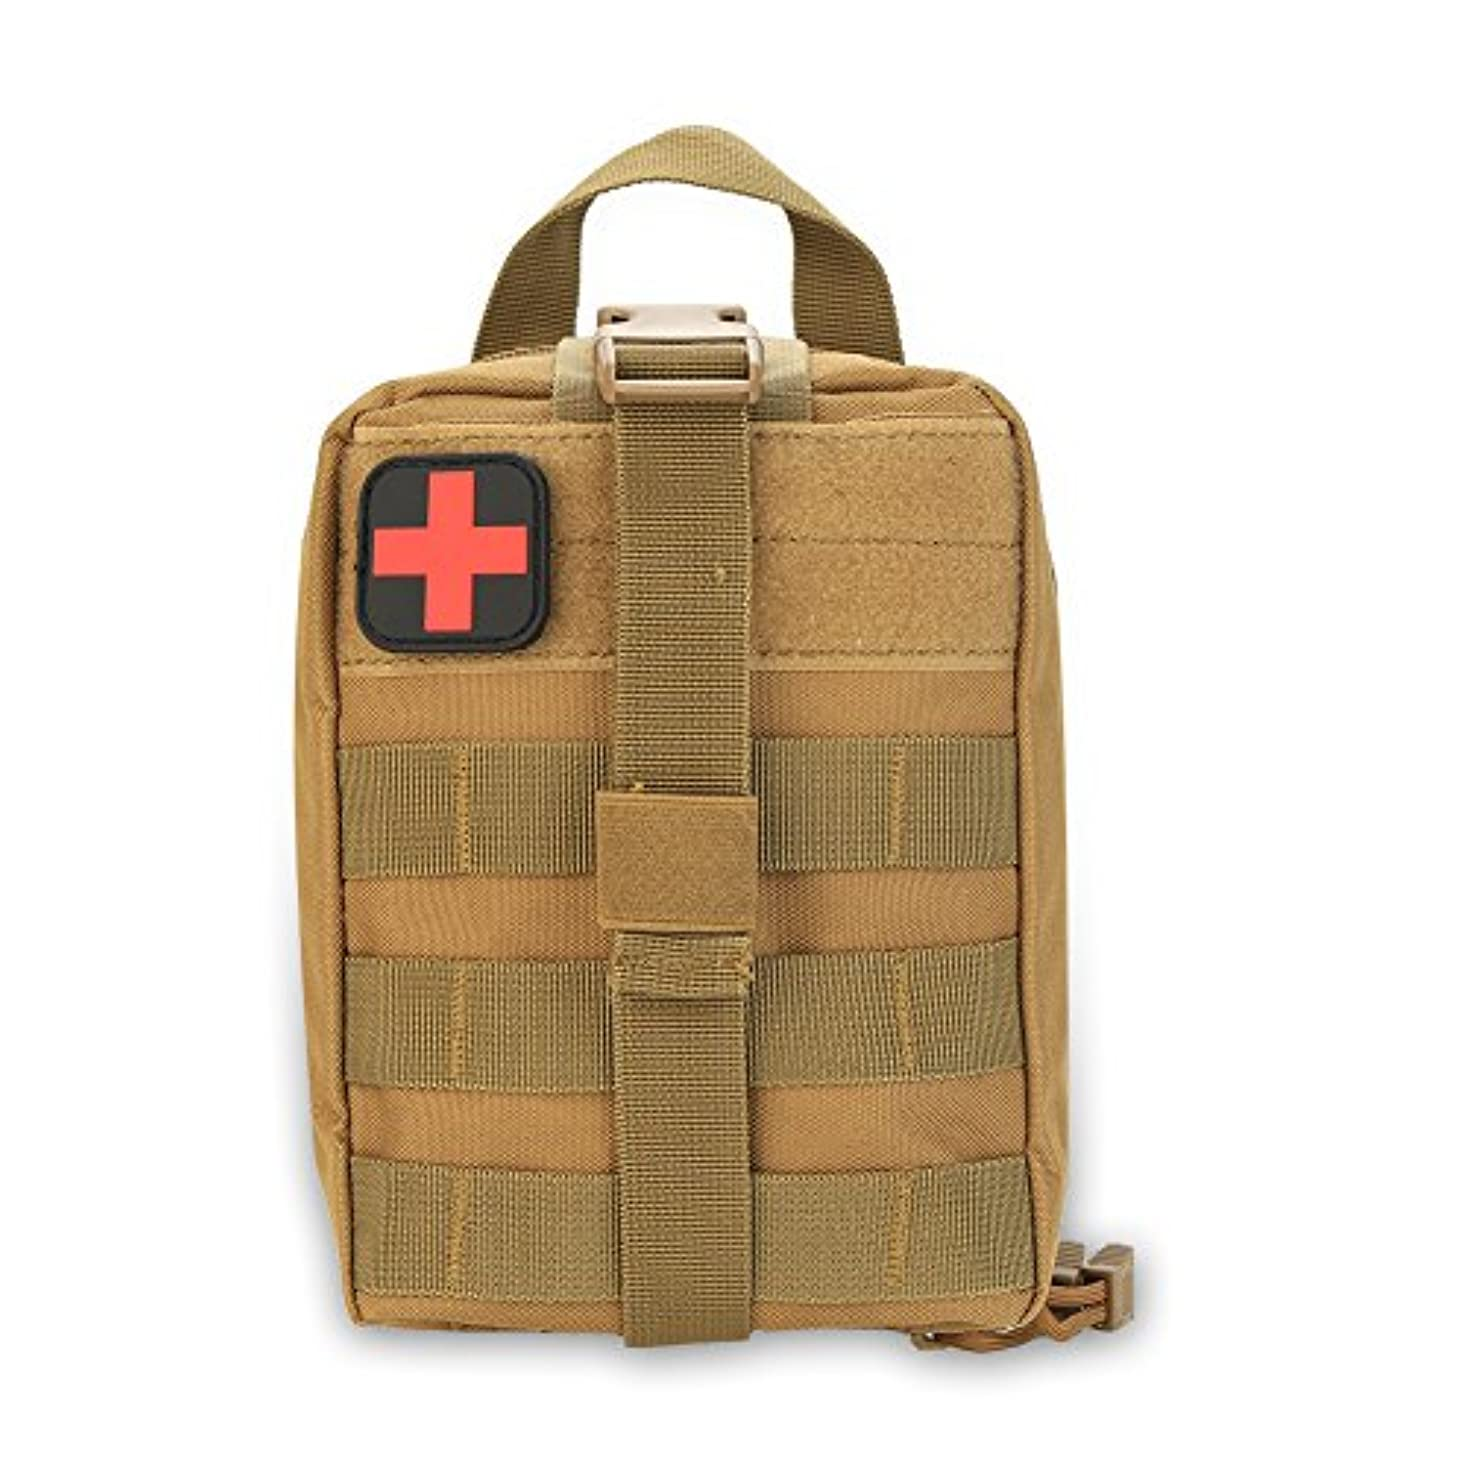 無し隙間縁石メディカルポーチ 医療バッグ 緊急ポーチ サバイバルバッグ ミリタリーポーチ 軽量 多機能 600Dオックスフォード 登山 防災用 応急処置バッグ